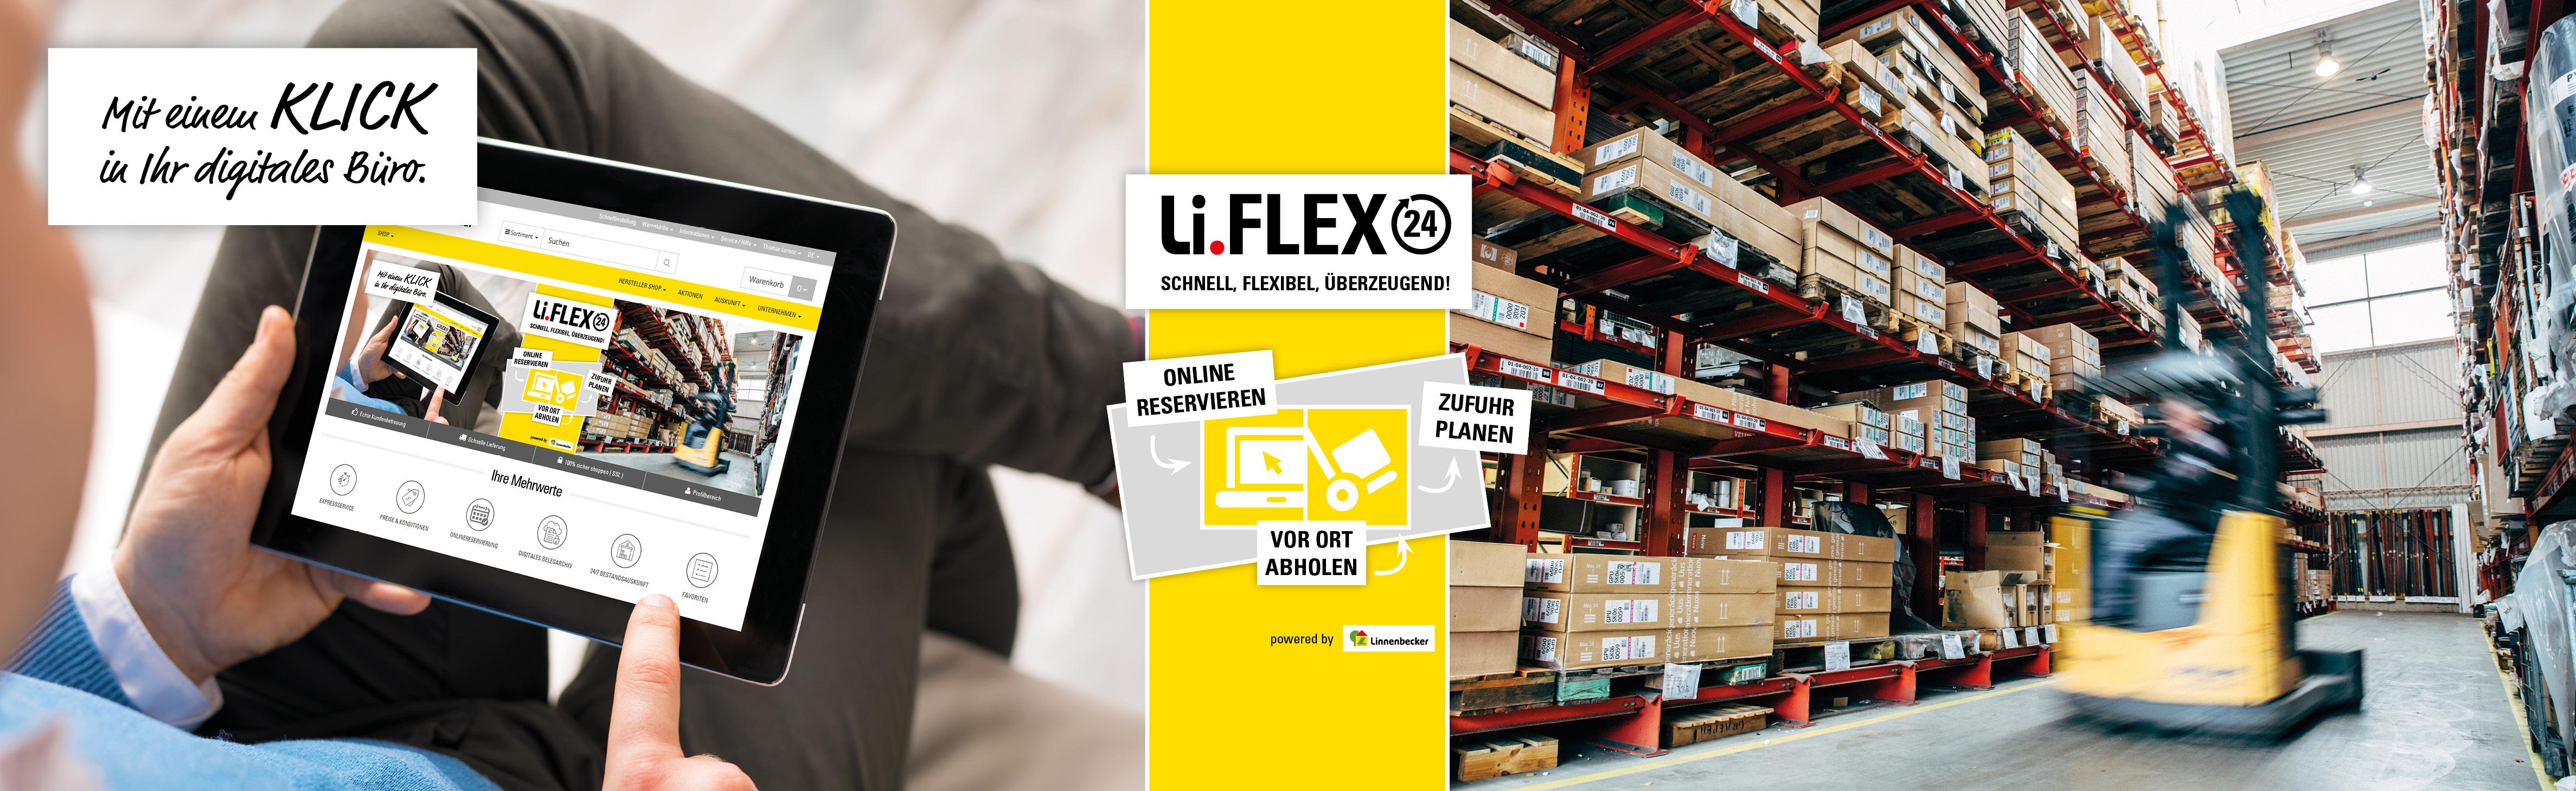 Li flex24 bestellplattform linnenbecker gmbh - Fliesenhandel berlin ...